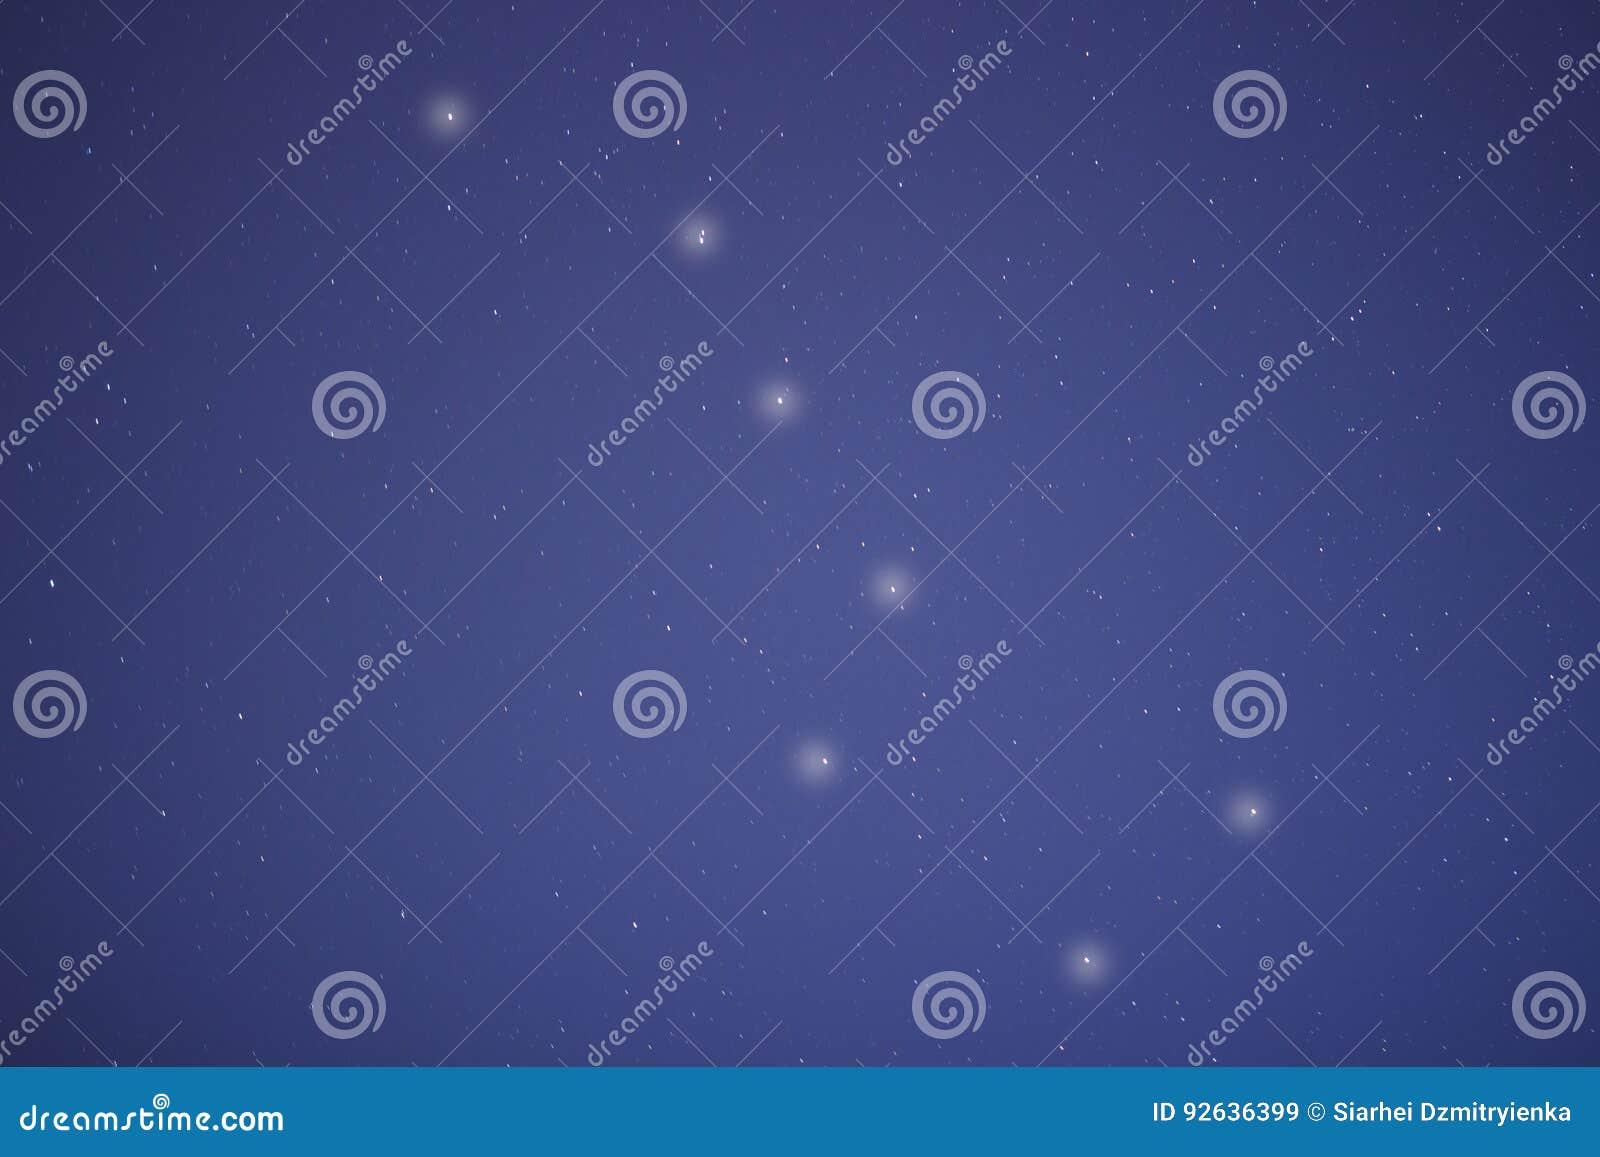 Созвездие Big Bear в небе ночи голубом